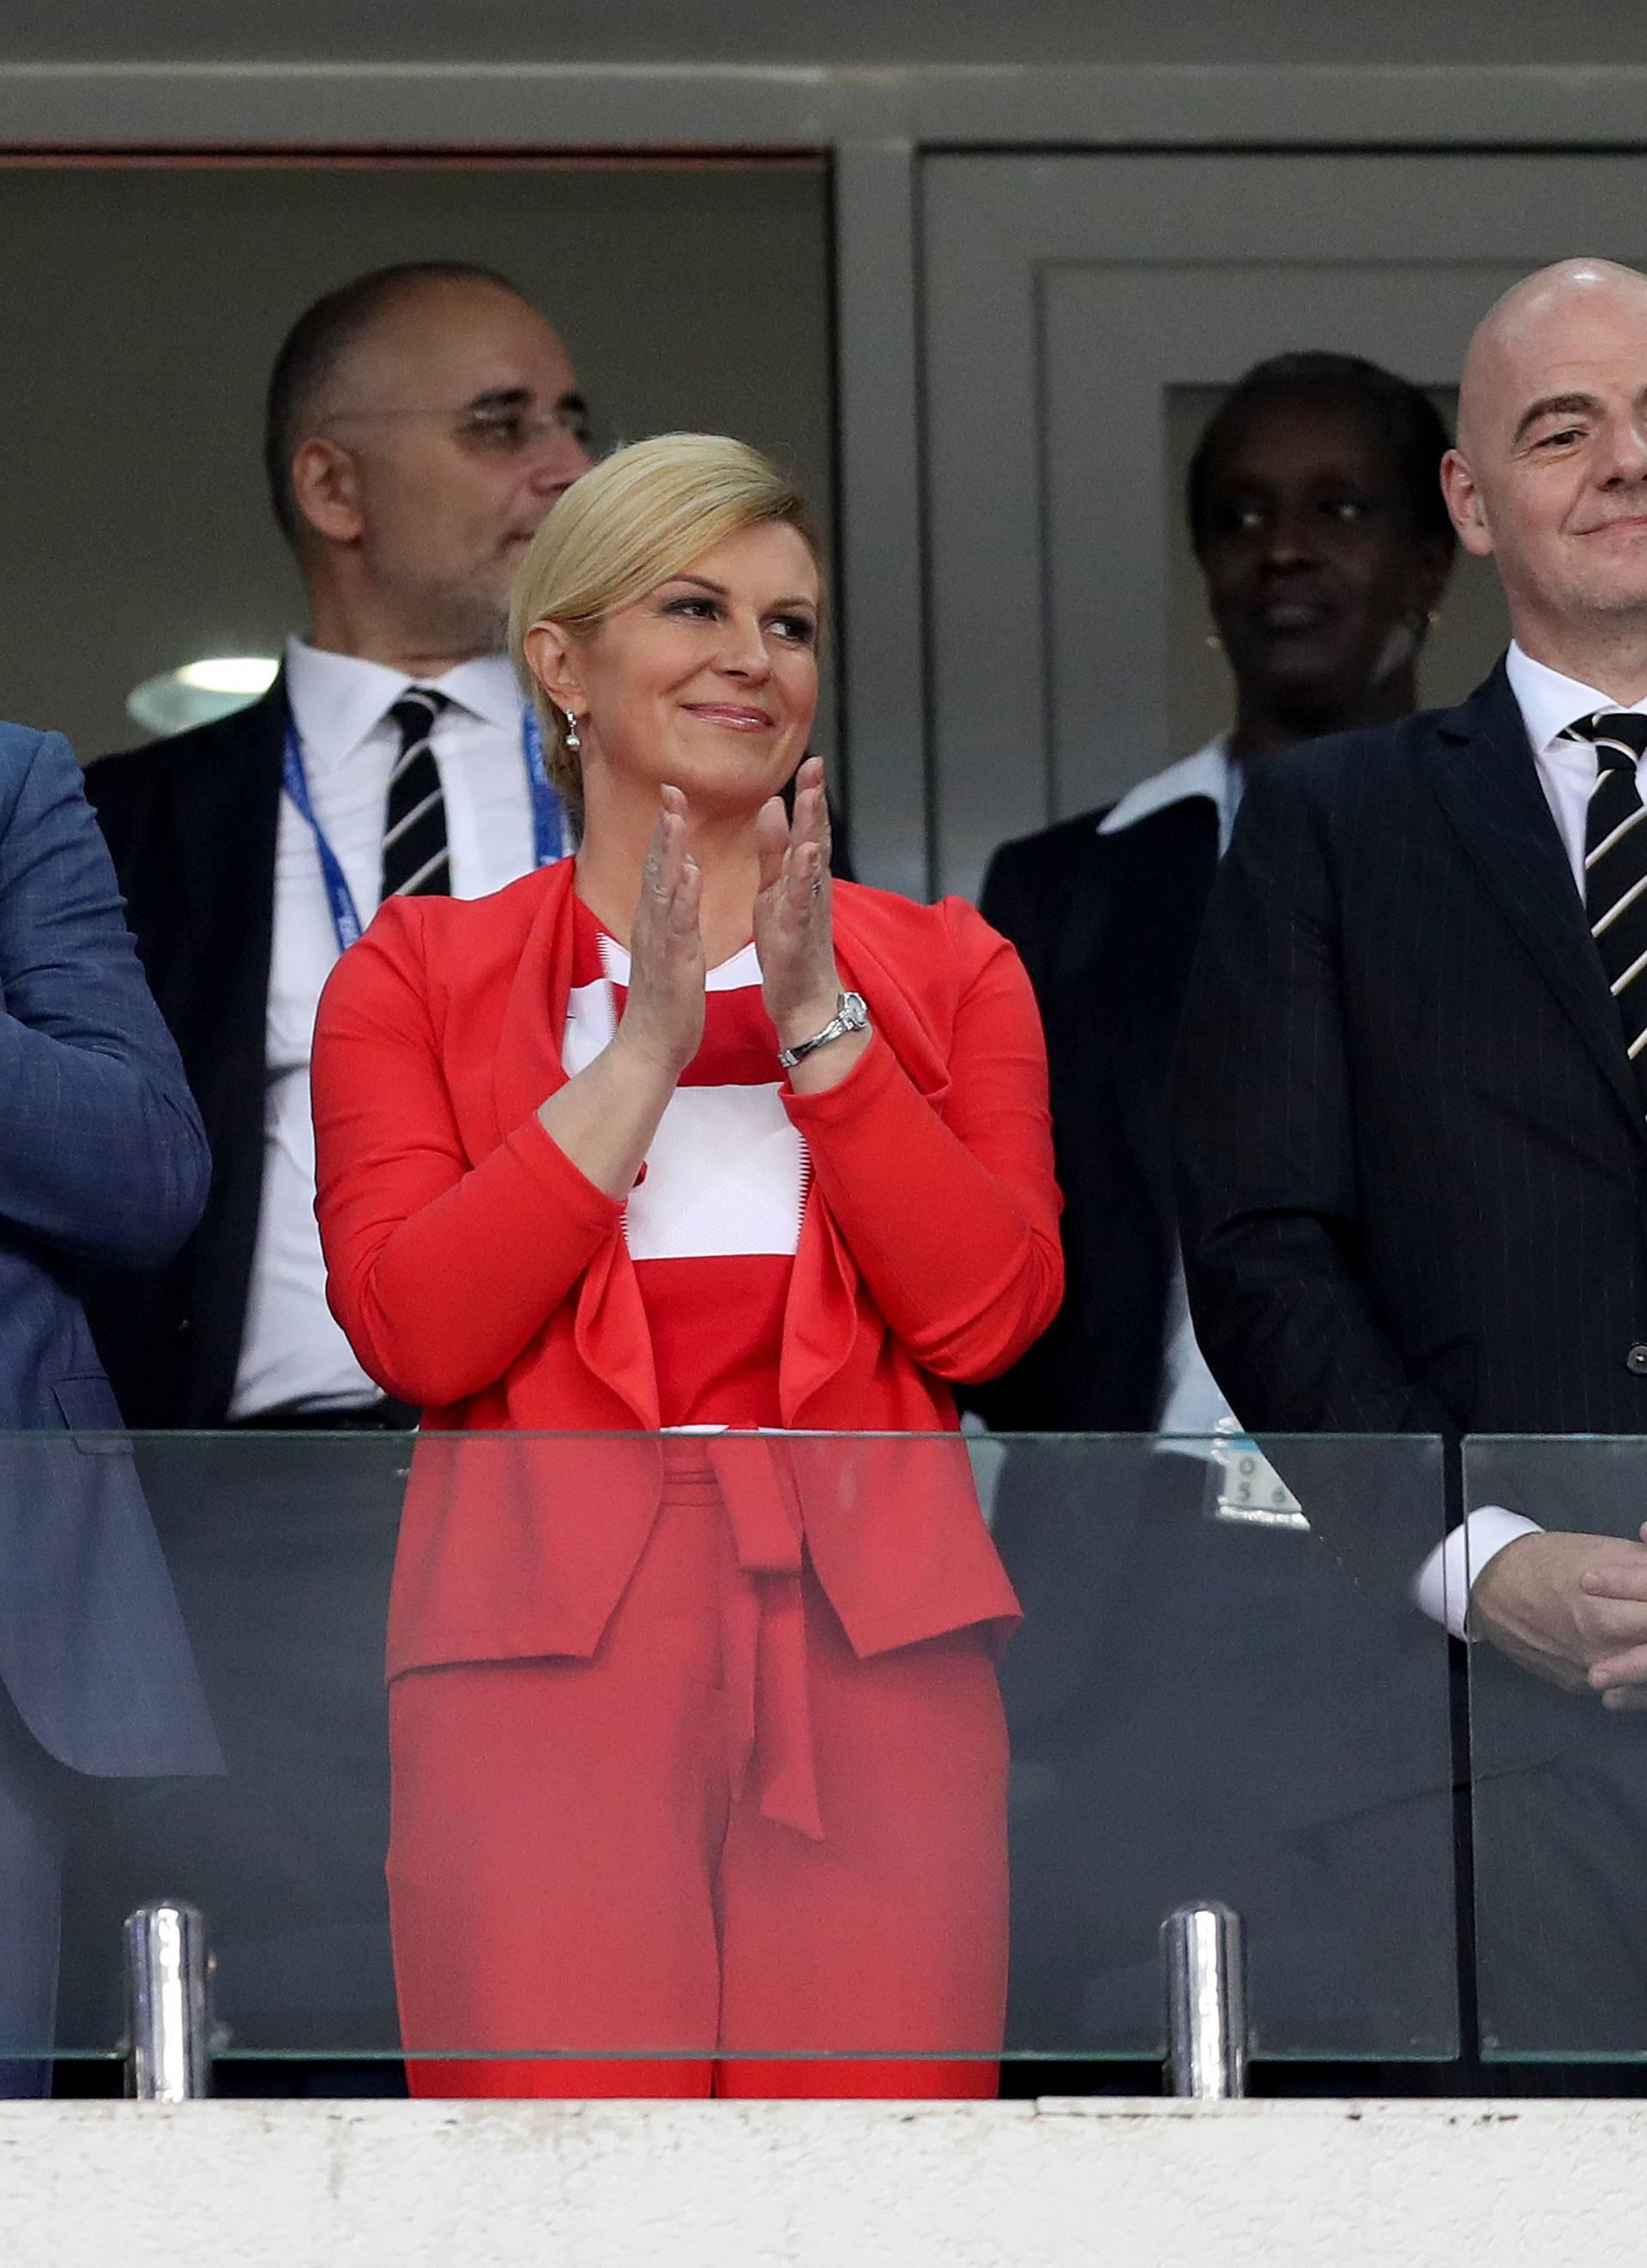 Soči: Predsjednica RH Grabar-Kitarović u loži sa Šukerom i Medvedevim